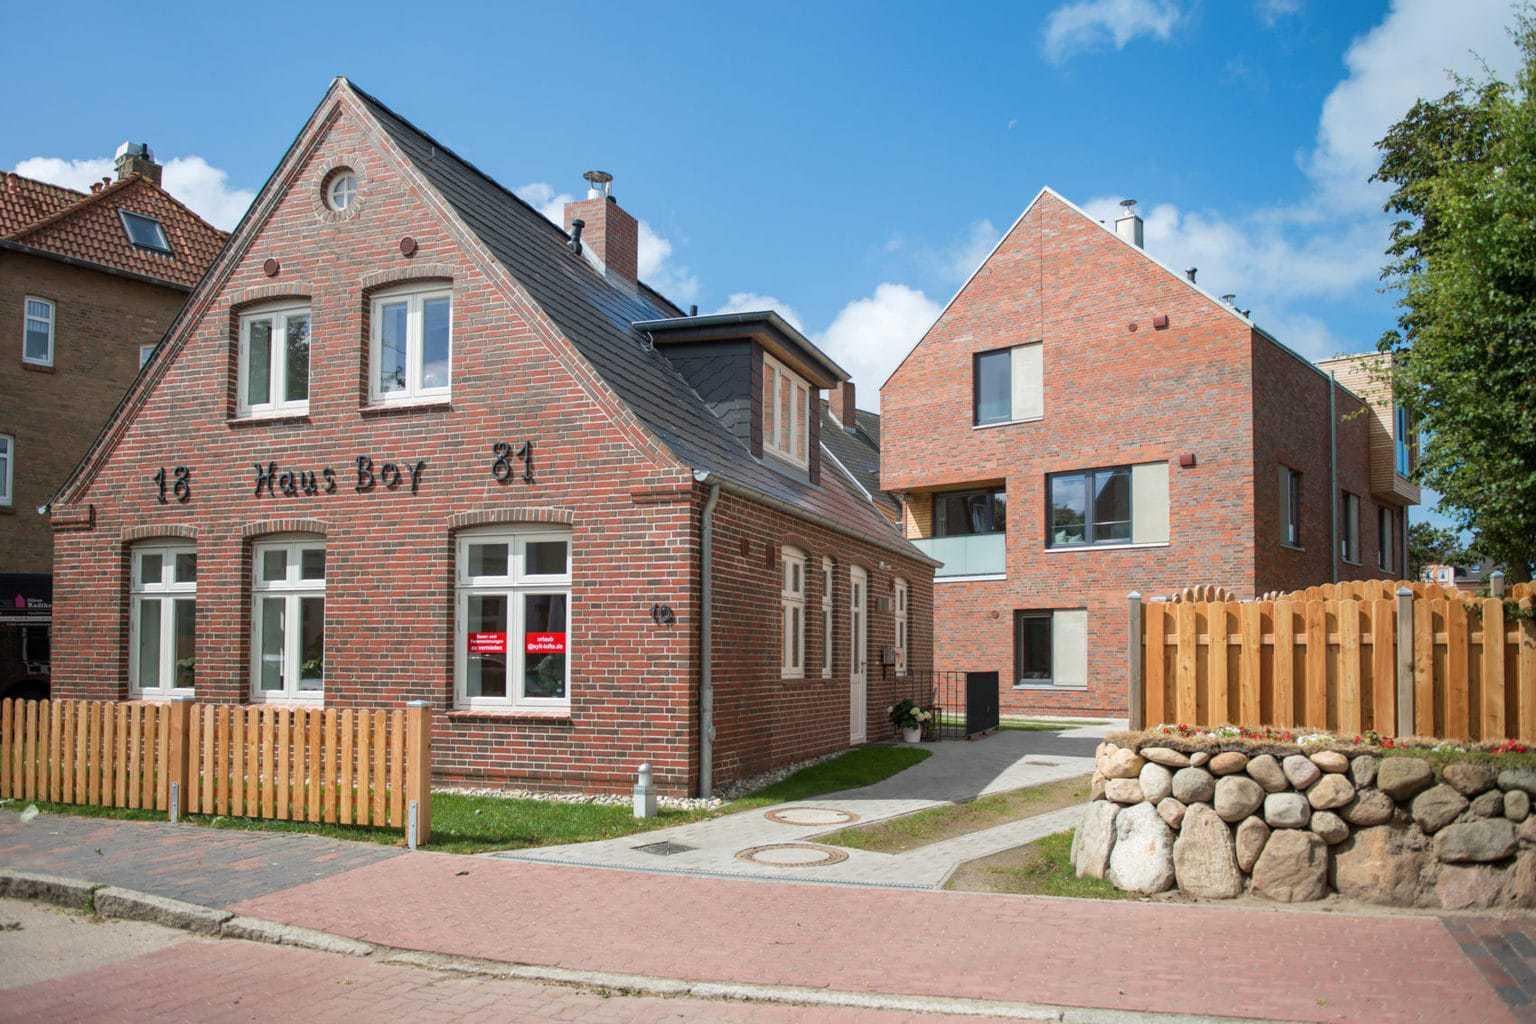 Loft's op Sylt zoals Haus Boy zijn in dee wintermaanden best wel te betalen